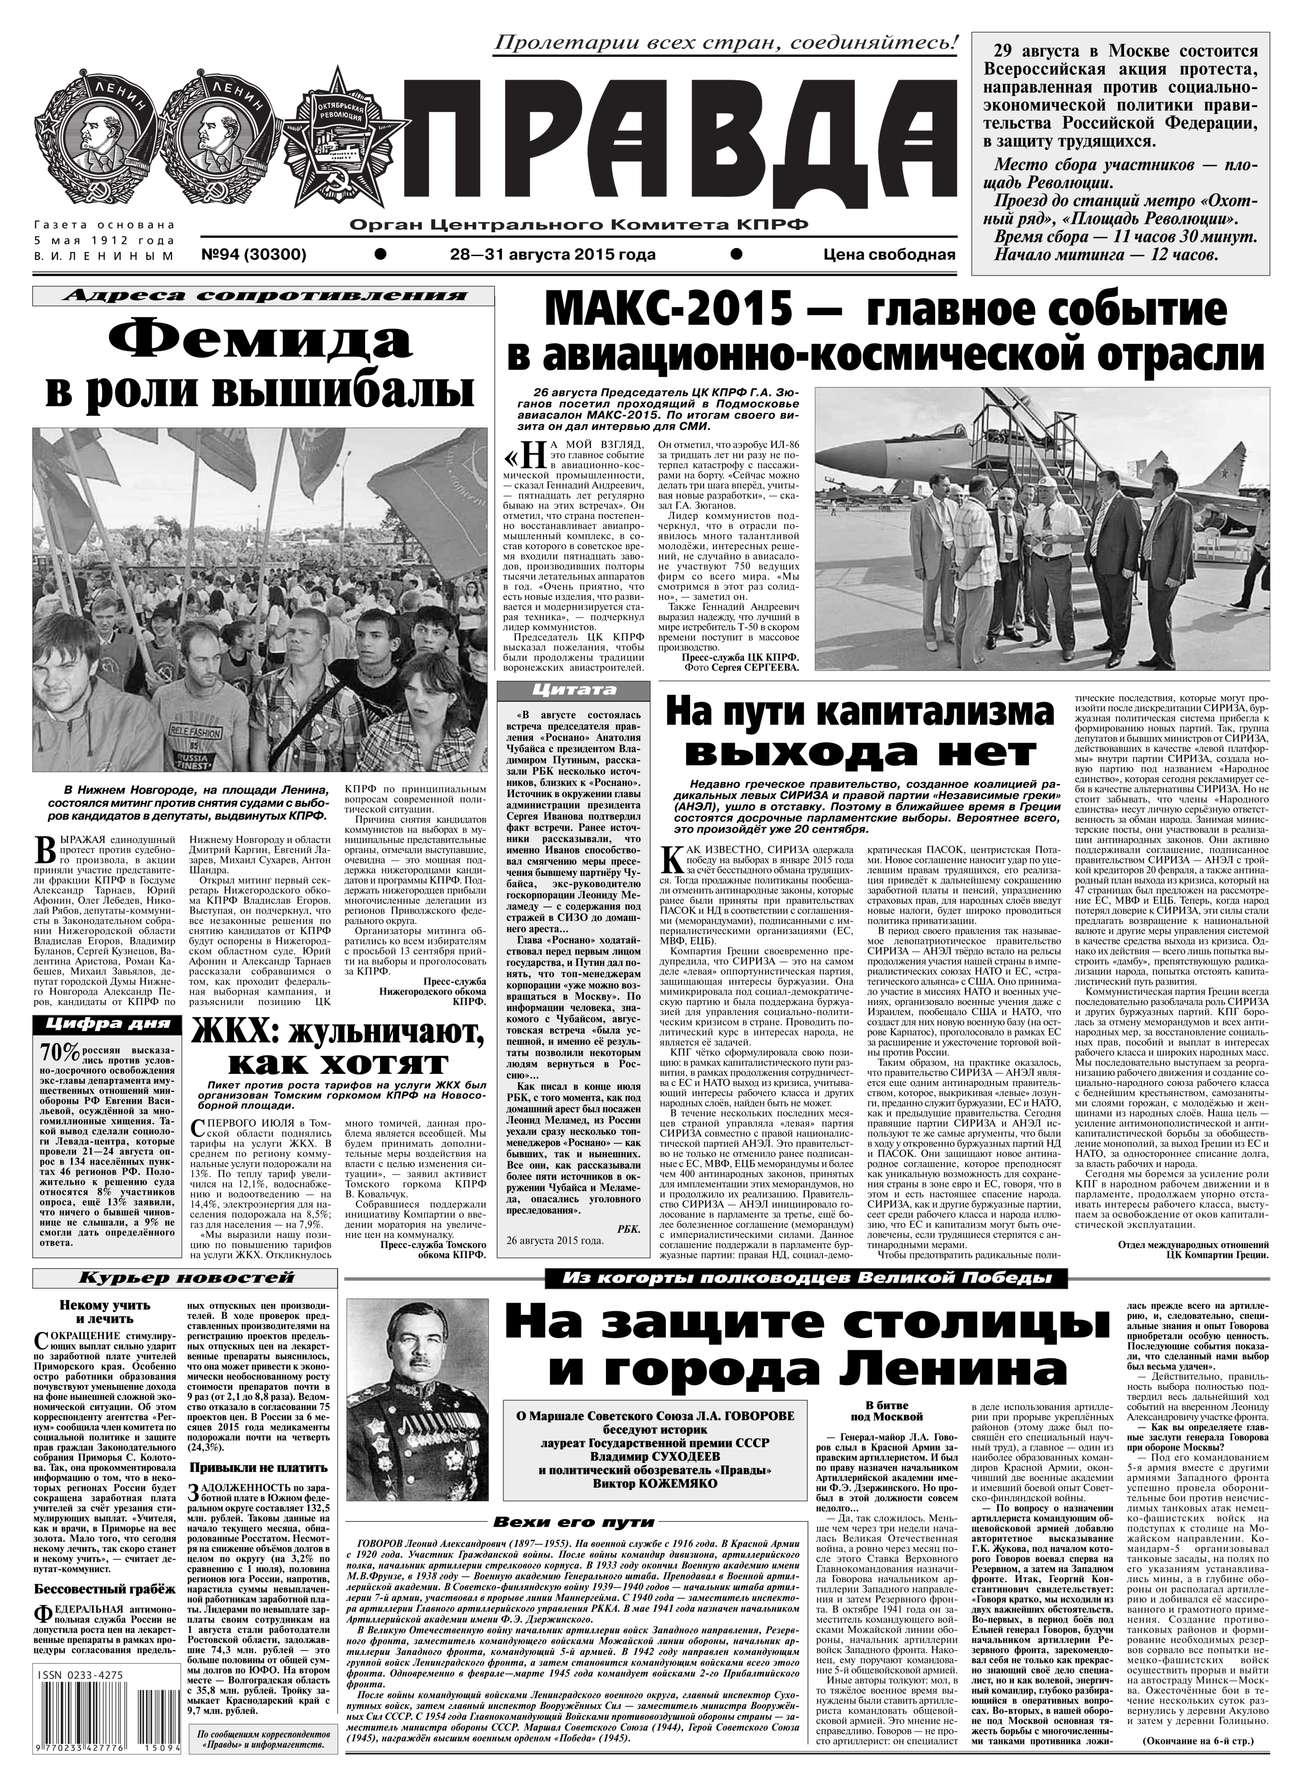 Редакция газеты Правда Правда 94-2015